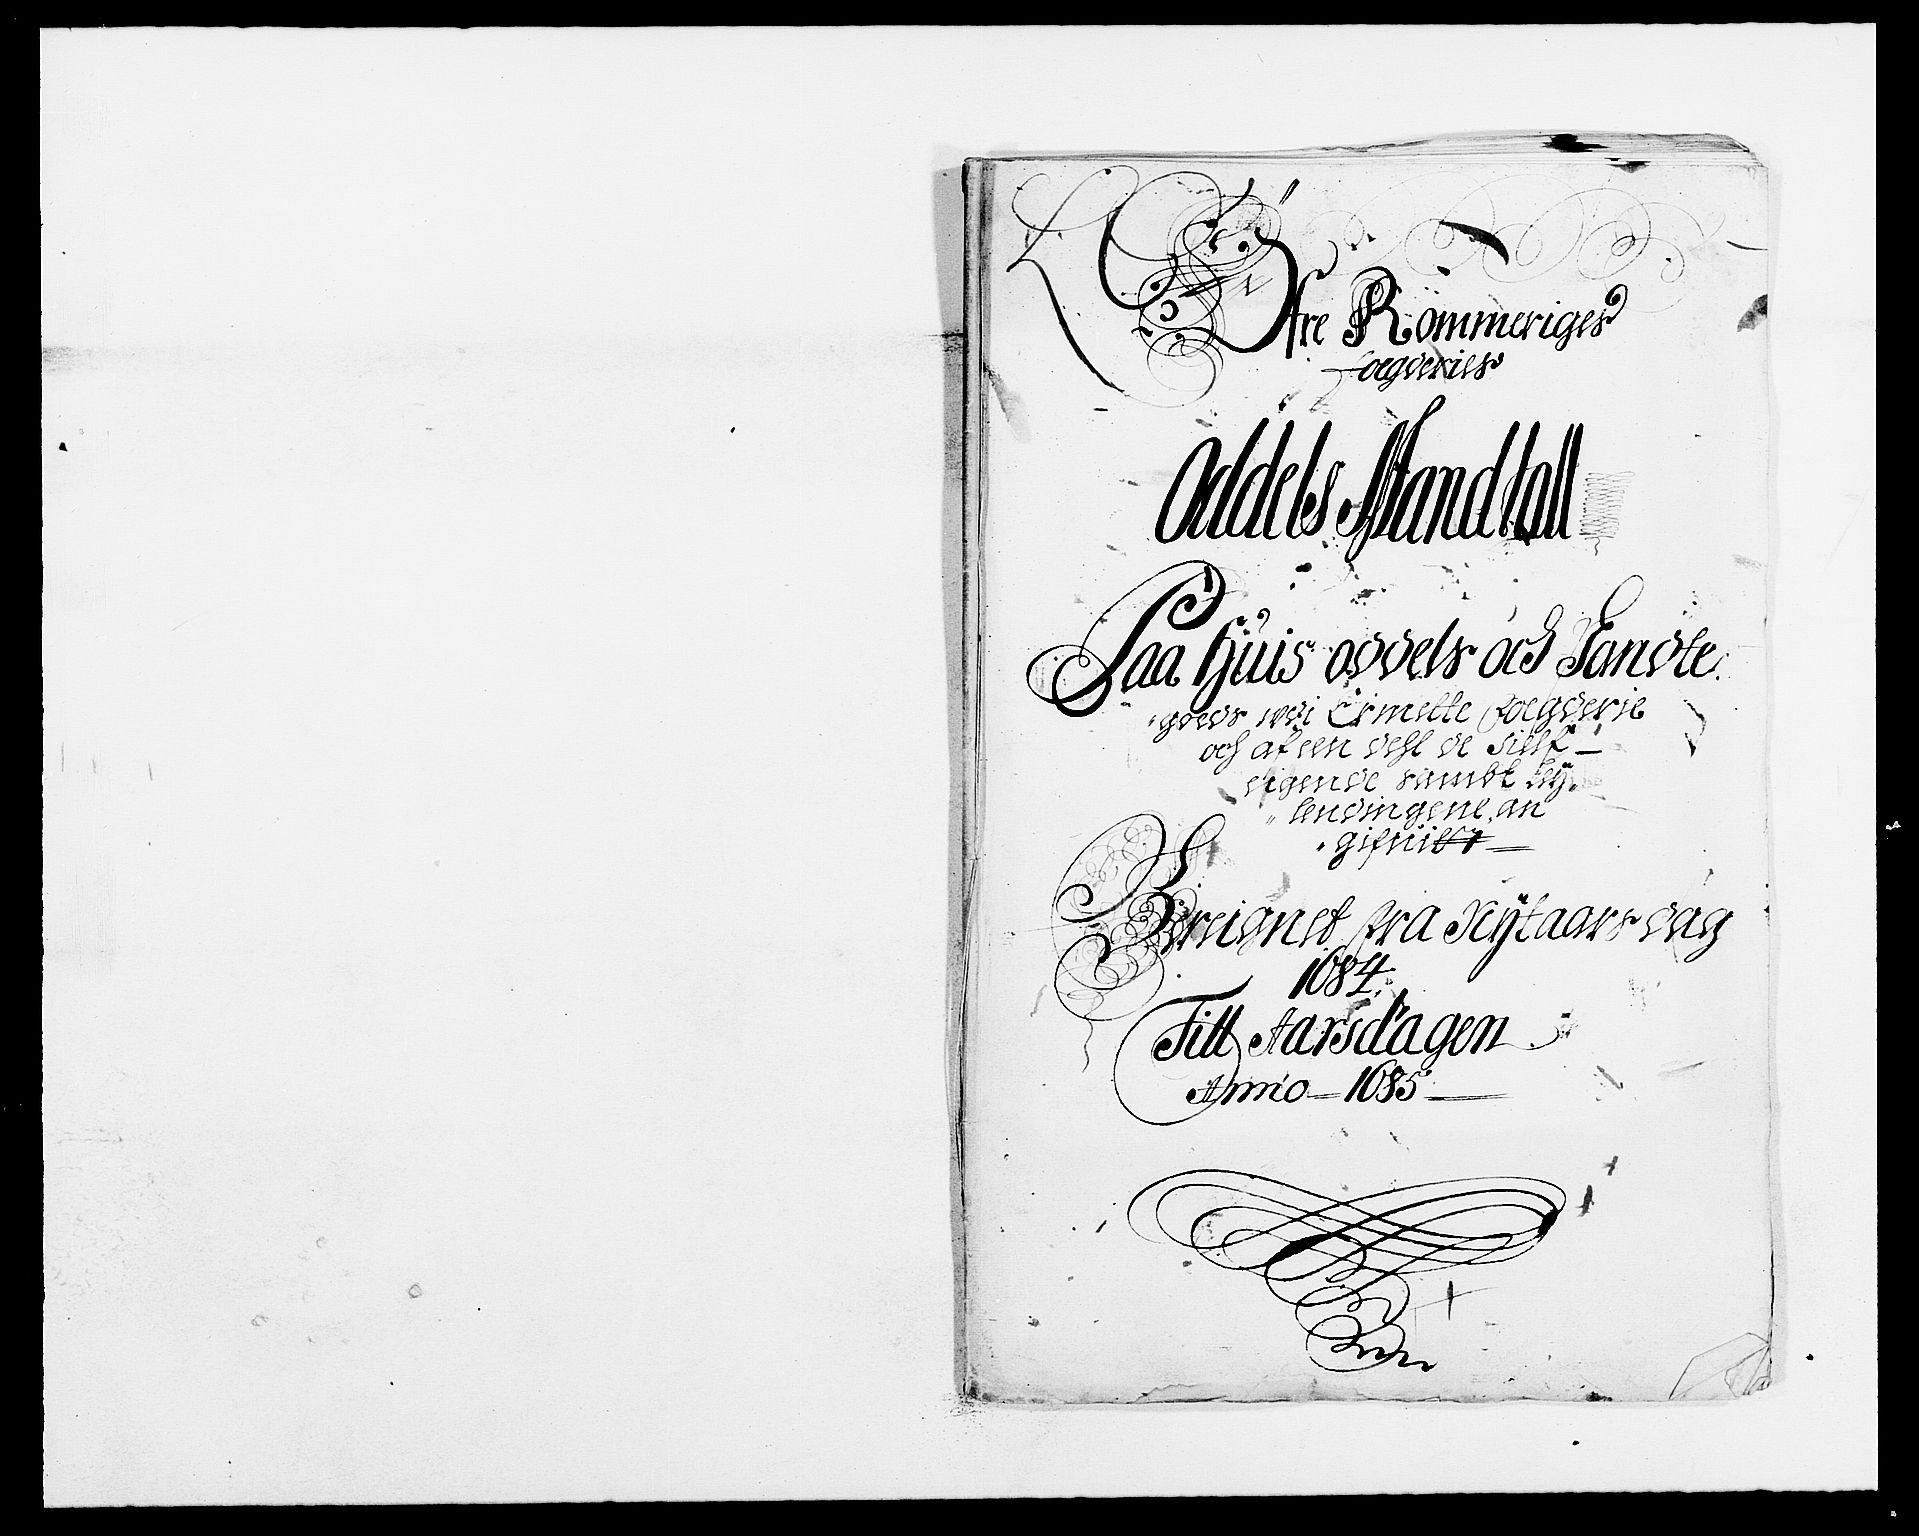 RA, Rentekammeret inntil 1814, Reviderte regnskaper, Fogderegnskap, R12/L0698: Fogderegnskap Øvre Romerike, 1684, s. 36